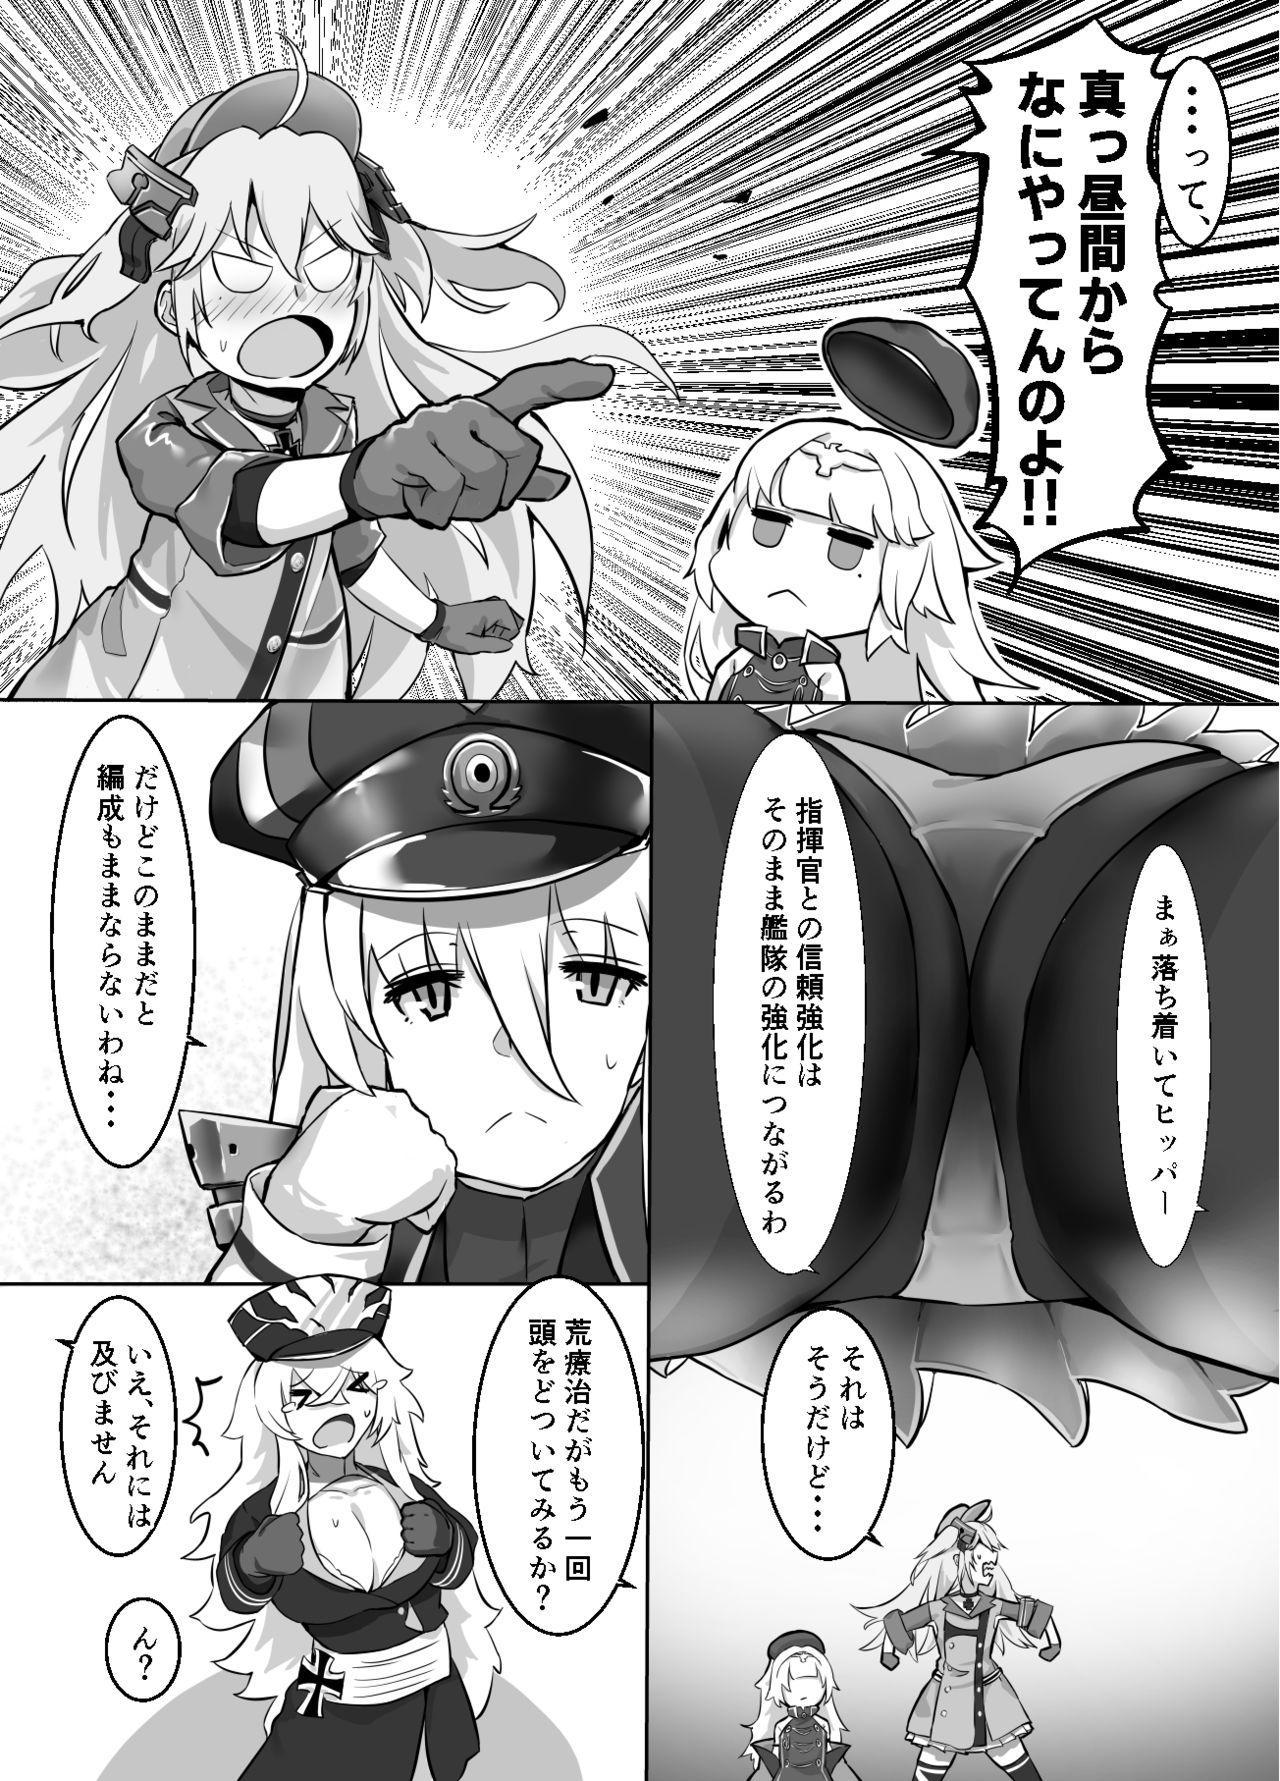 Futari no Nikusube no Tamashii ga Irekawari Anal 3P Sex Suru Hon 8